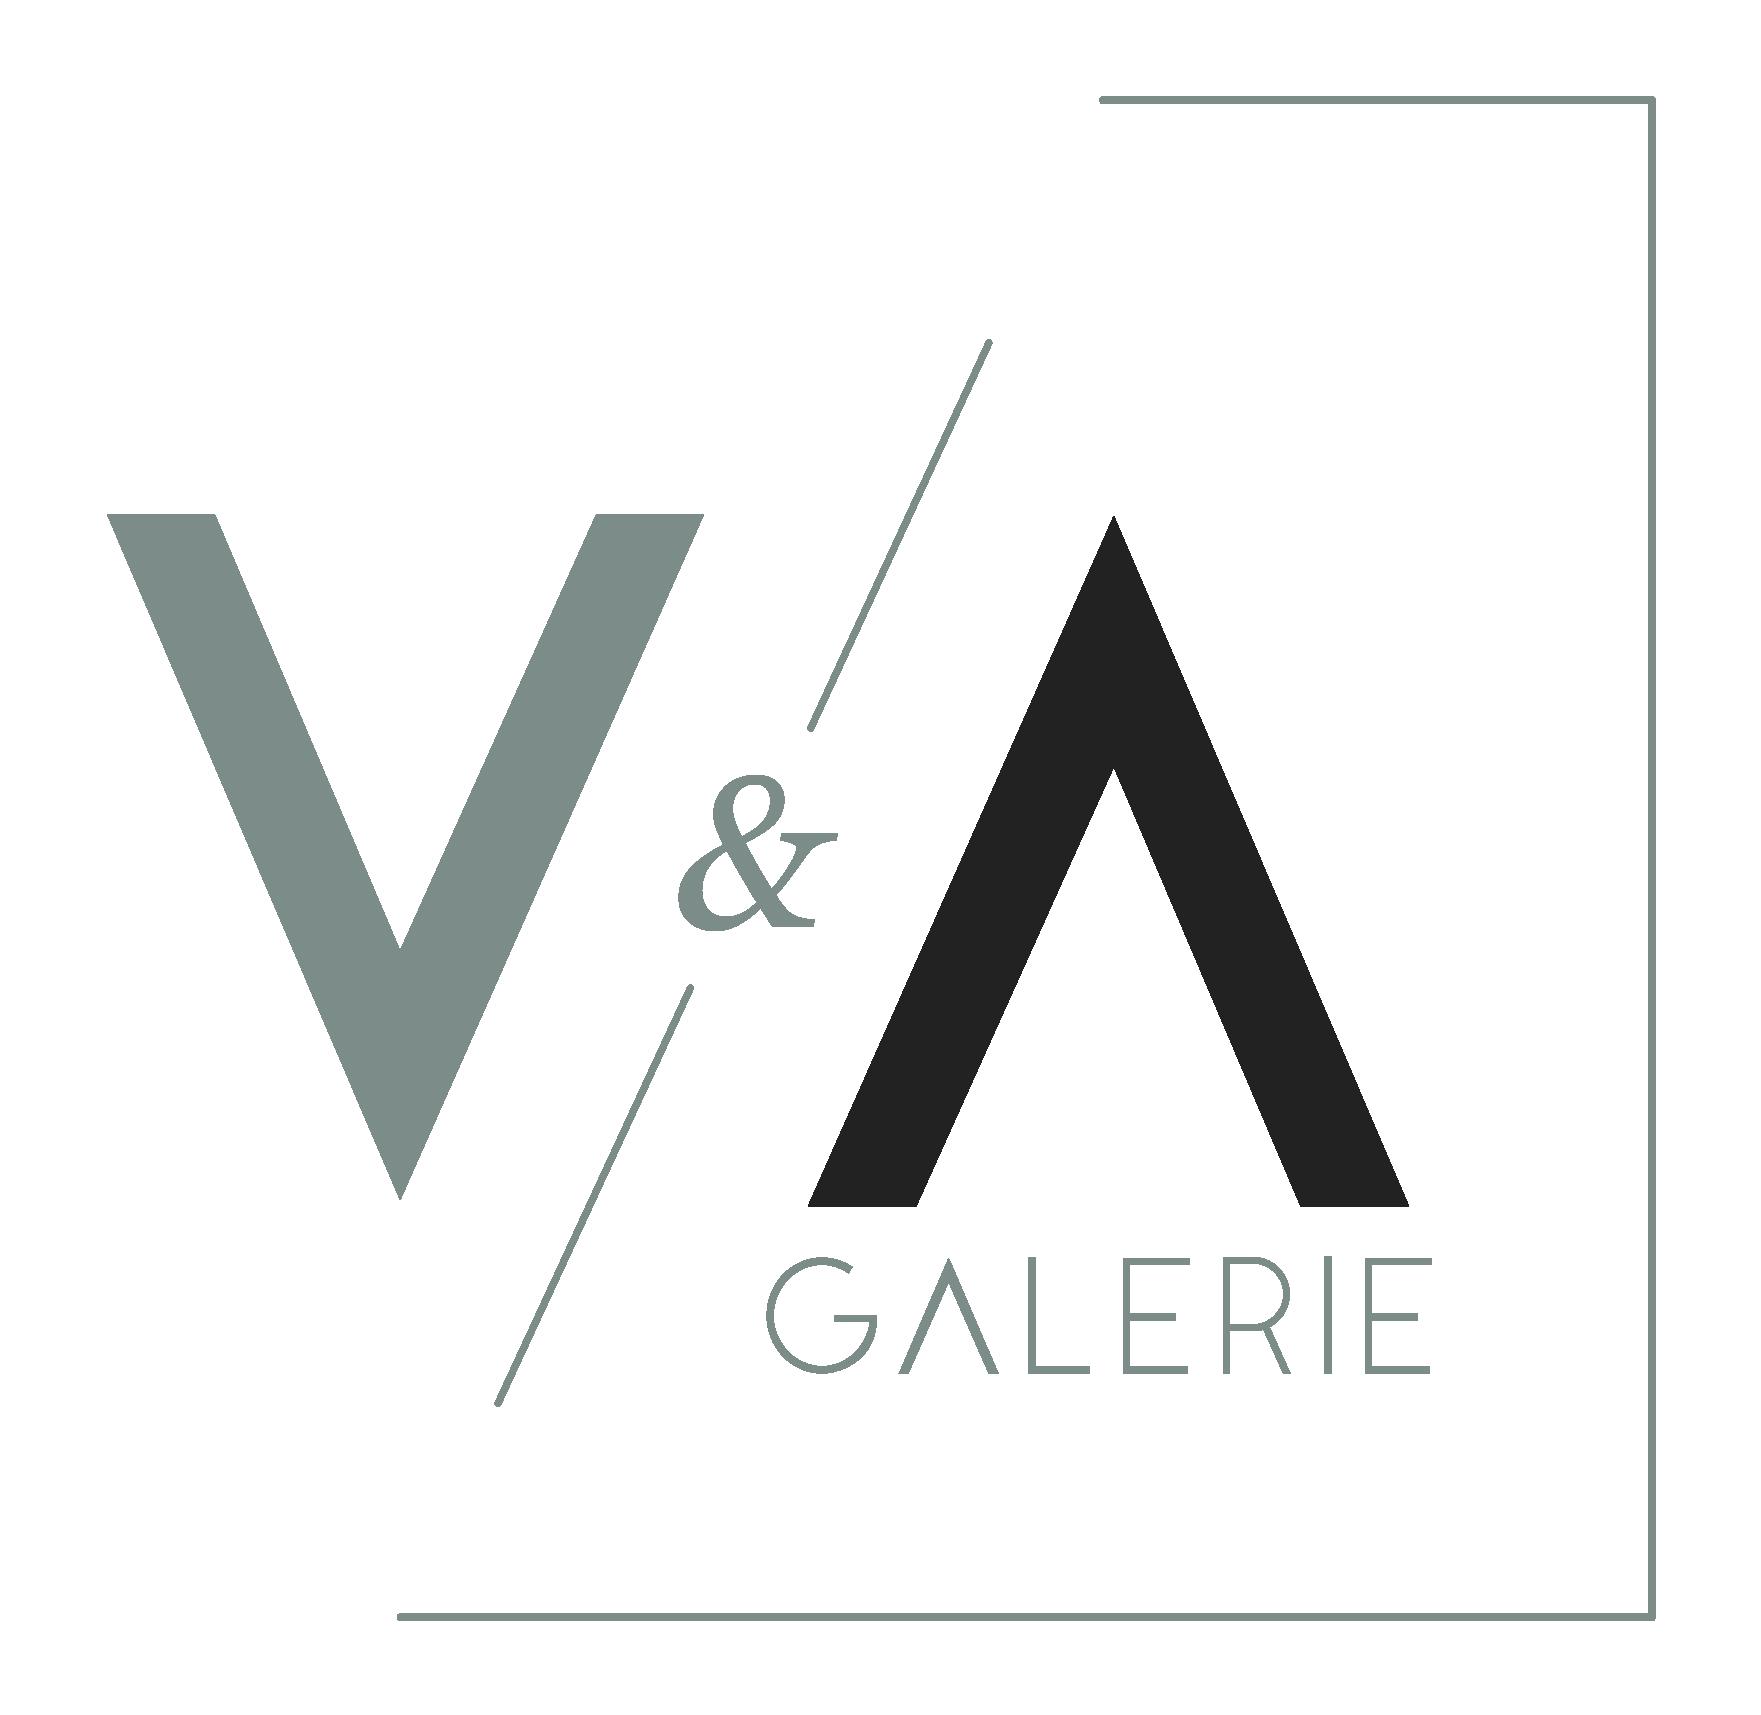 V&A galerie